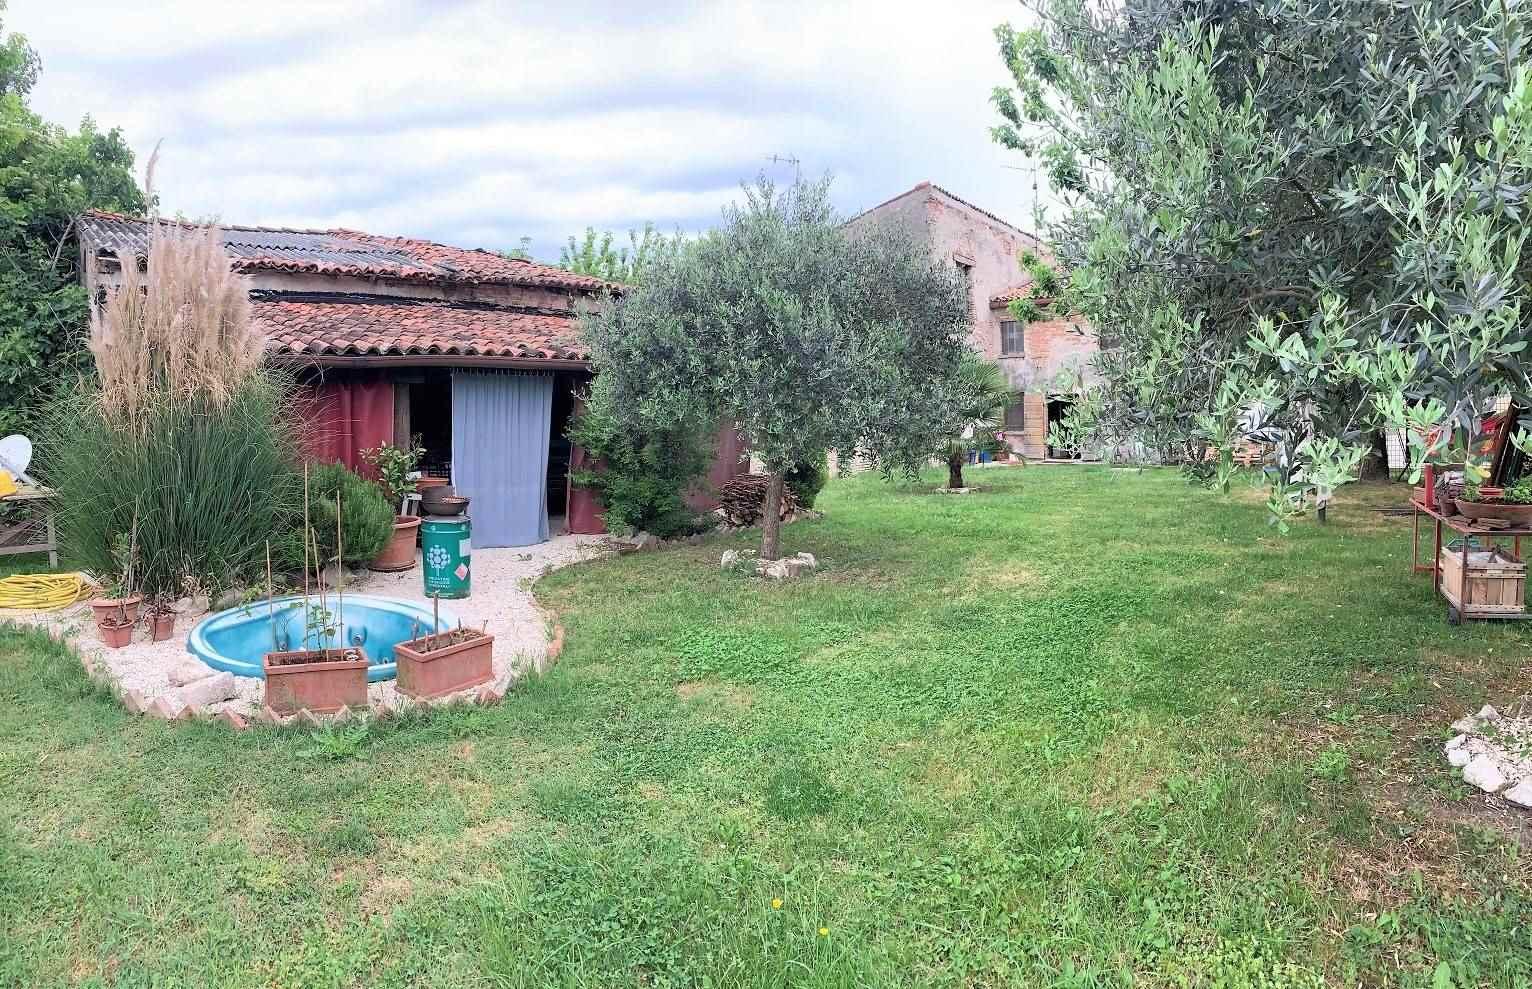 Soluzione Semindipendente in vendita a Bigarello, 2 locali, zona a, prezzo € 125.000 | PortaleAgenzieImmobiliari.it